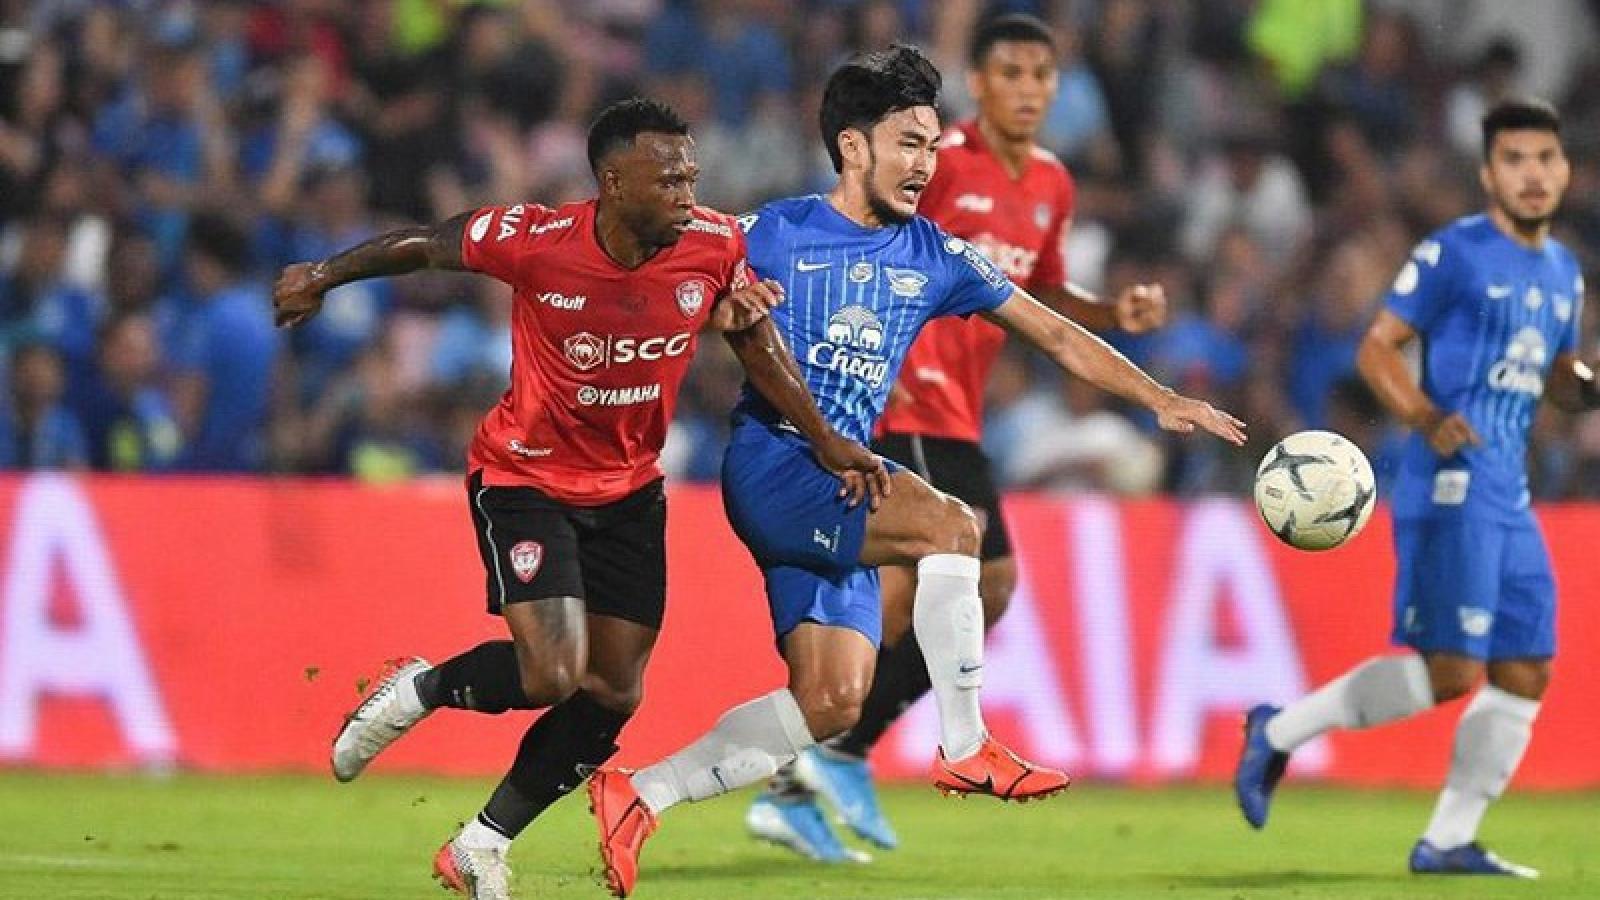 Thai League chưa thể trở lại, bóng đá Thái Lan rơi vào khủng hoảng